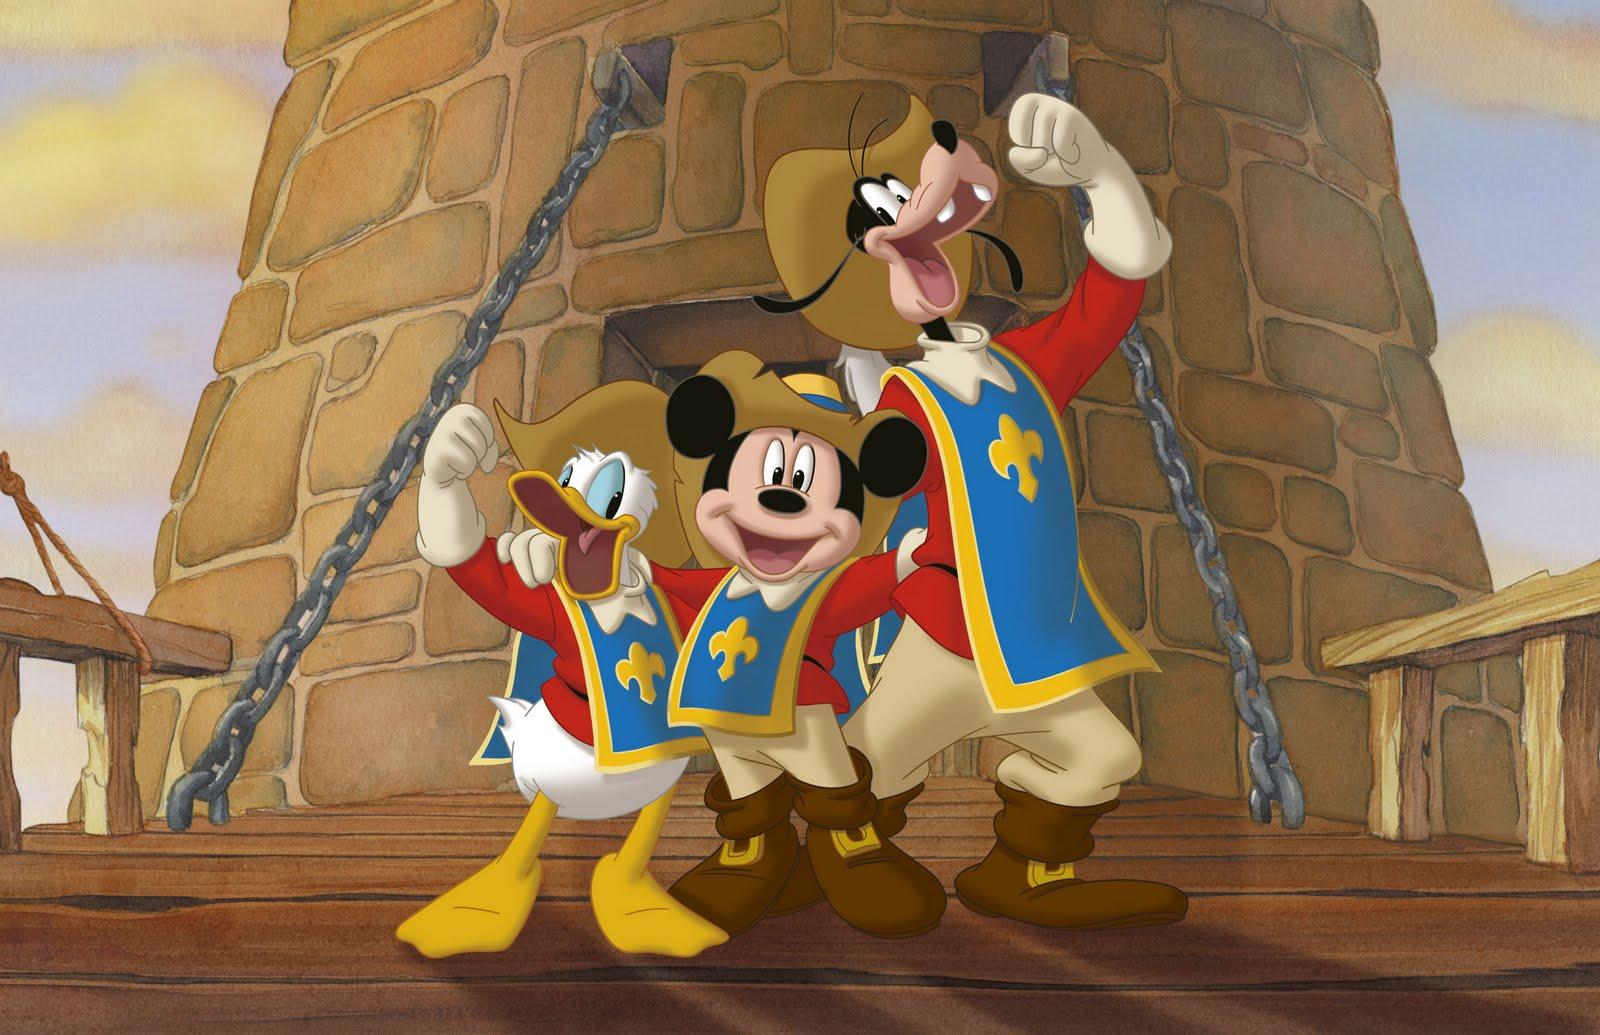 que hicieron el finde Mickey%2Bdonald%2Bgoofy%2Blos%2Btres%2Bmosqueteros%2Bdisney%2B2004%2Bpromocional%2B2